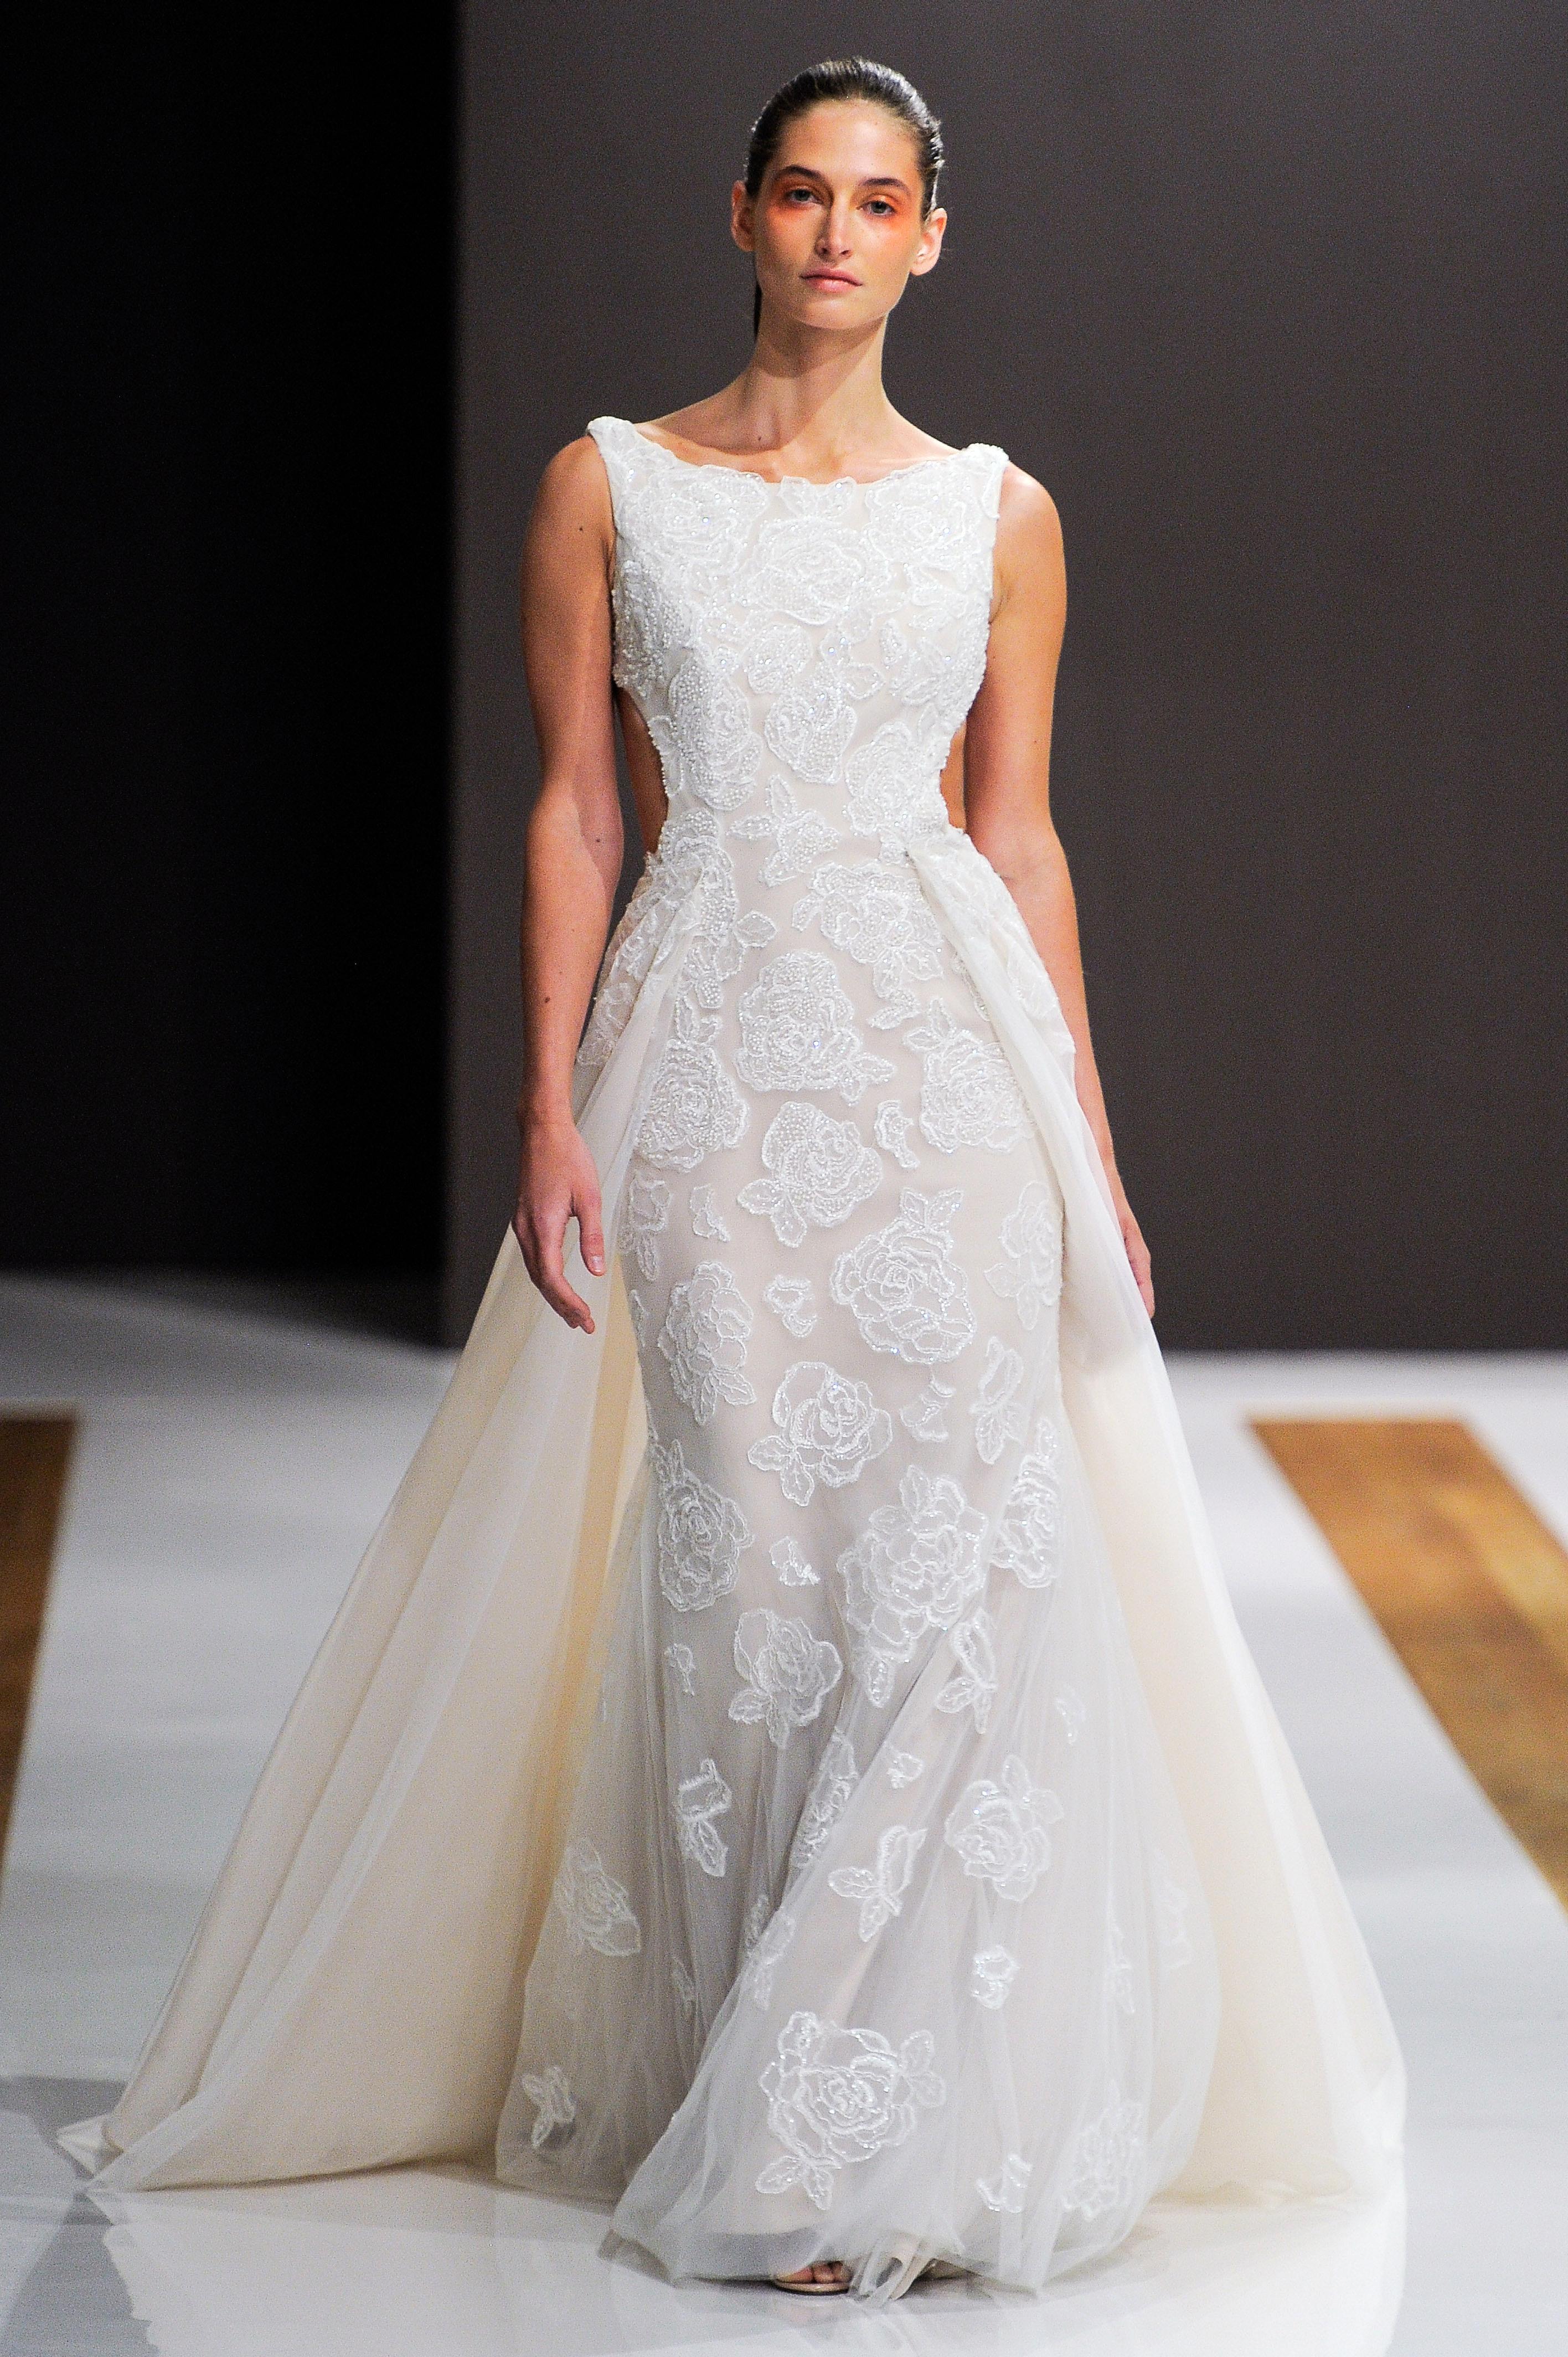 mark zunino wedding dress fall 2018 cut-out a-line sleeveless